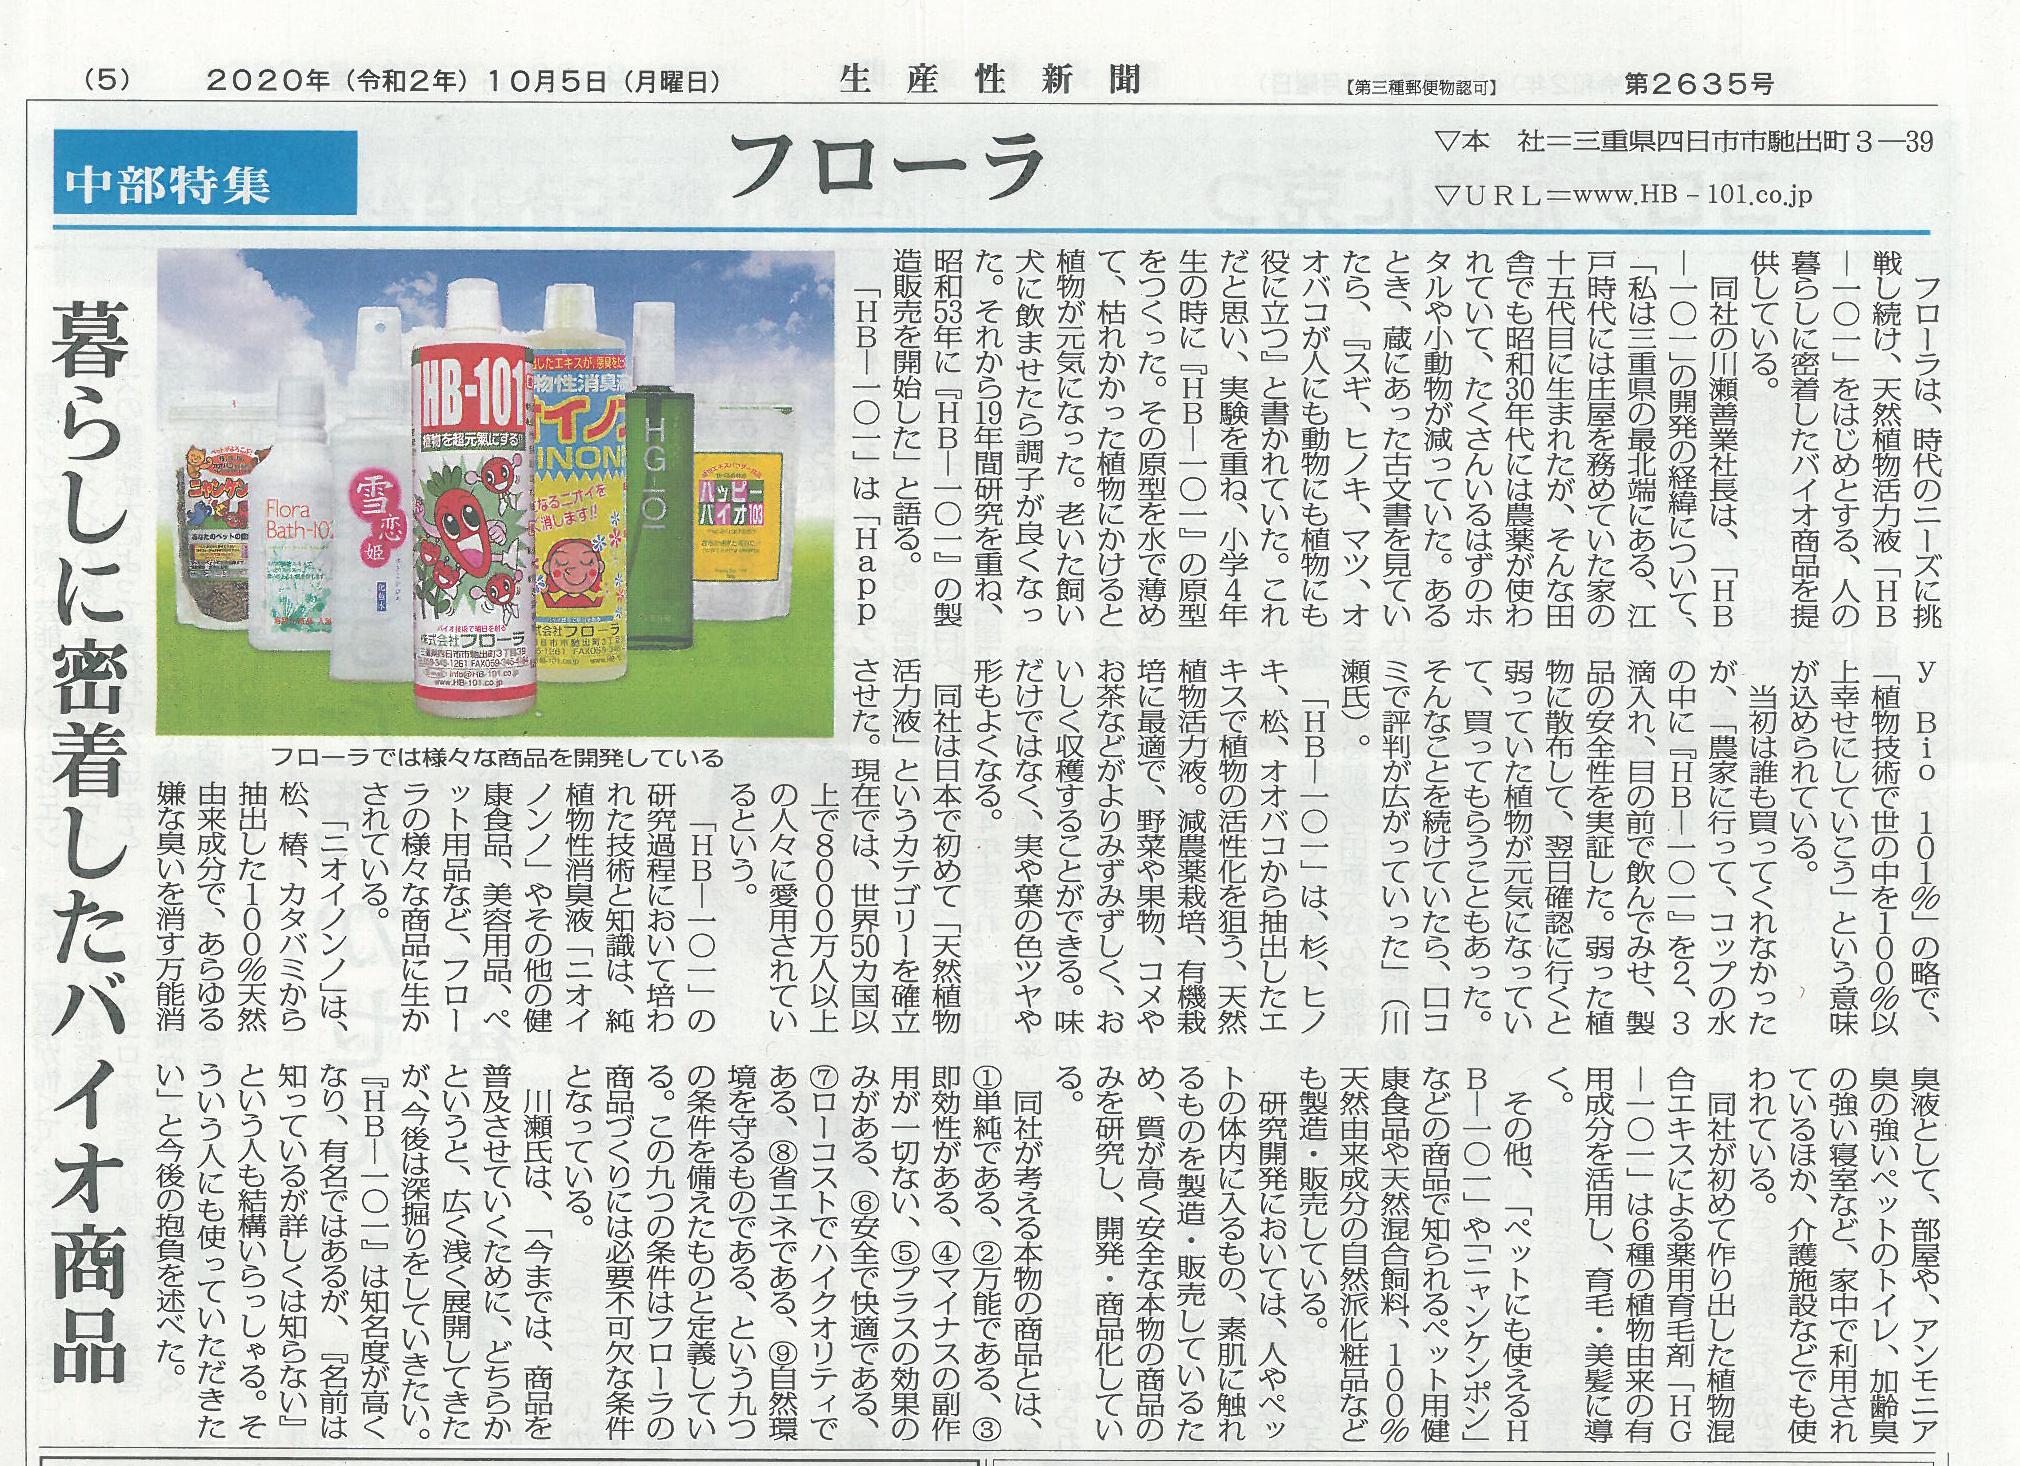 日本生産新聞に弊社が掲載されました。